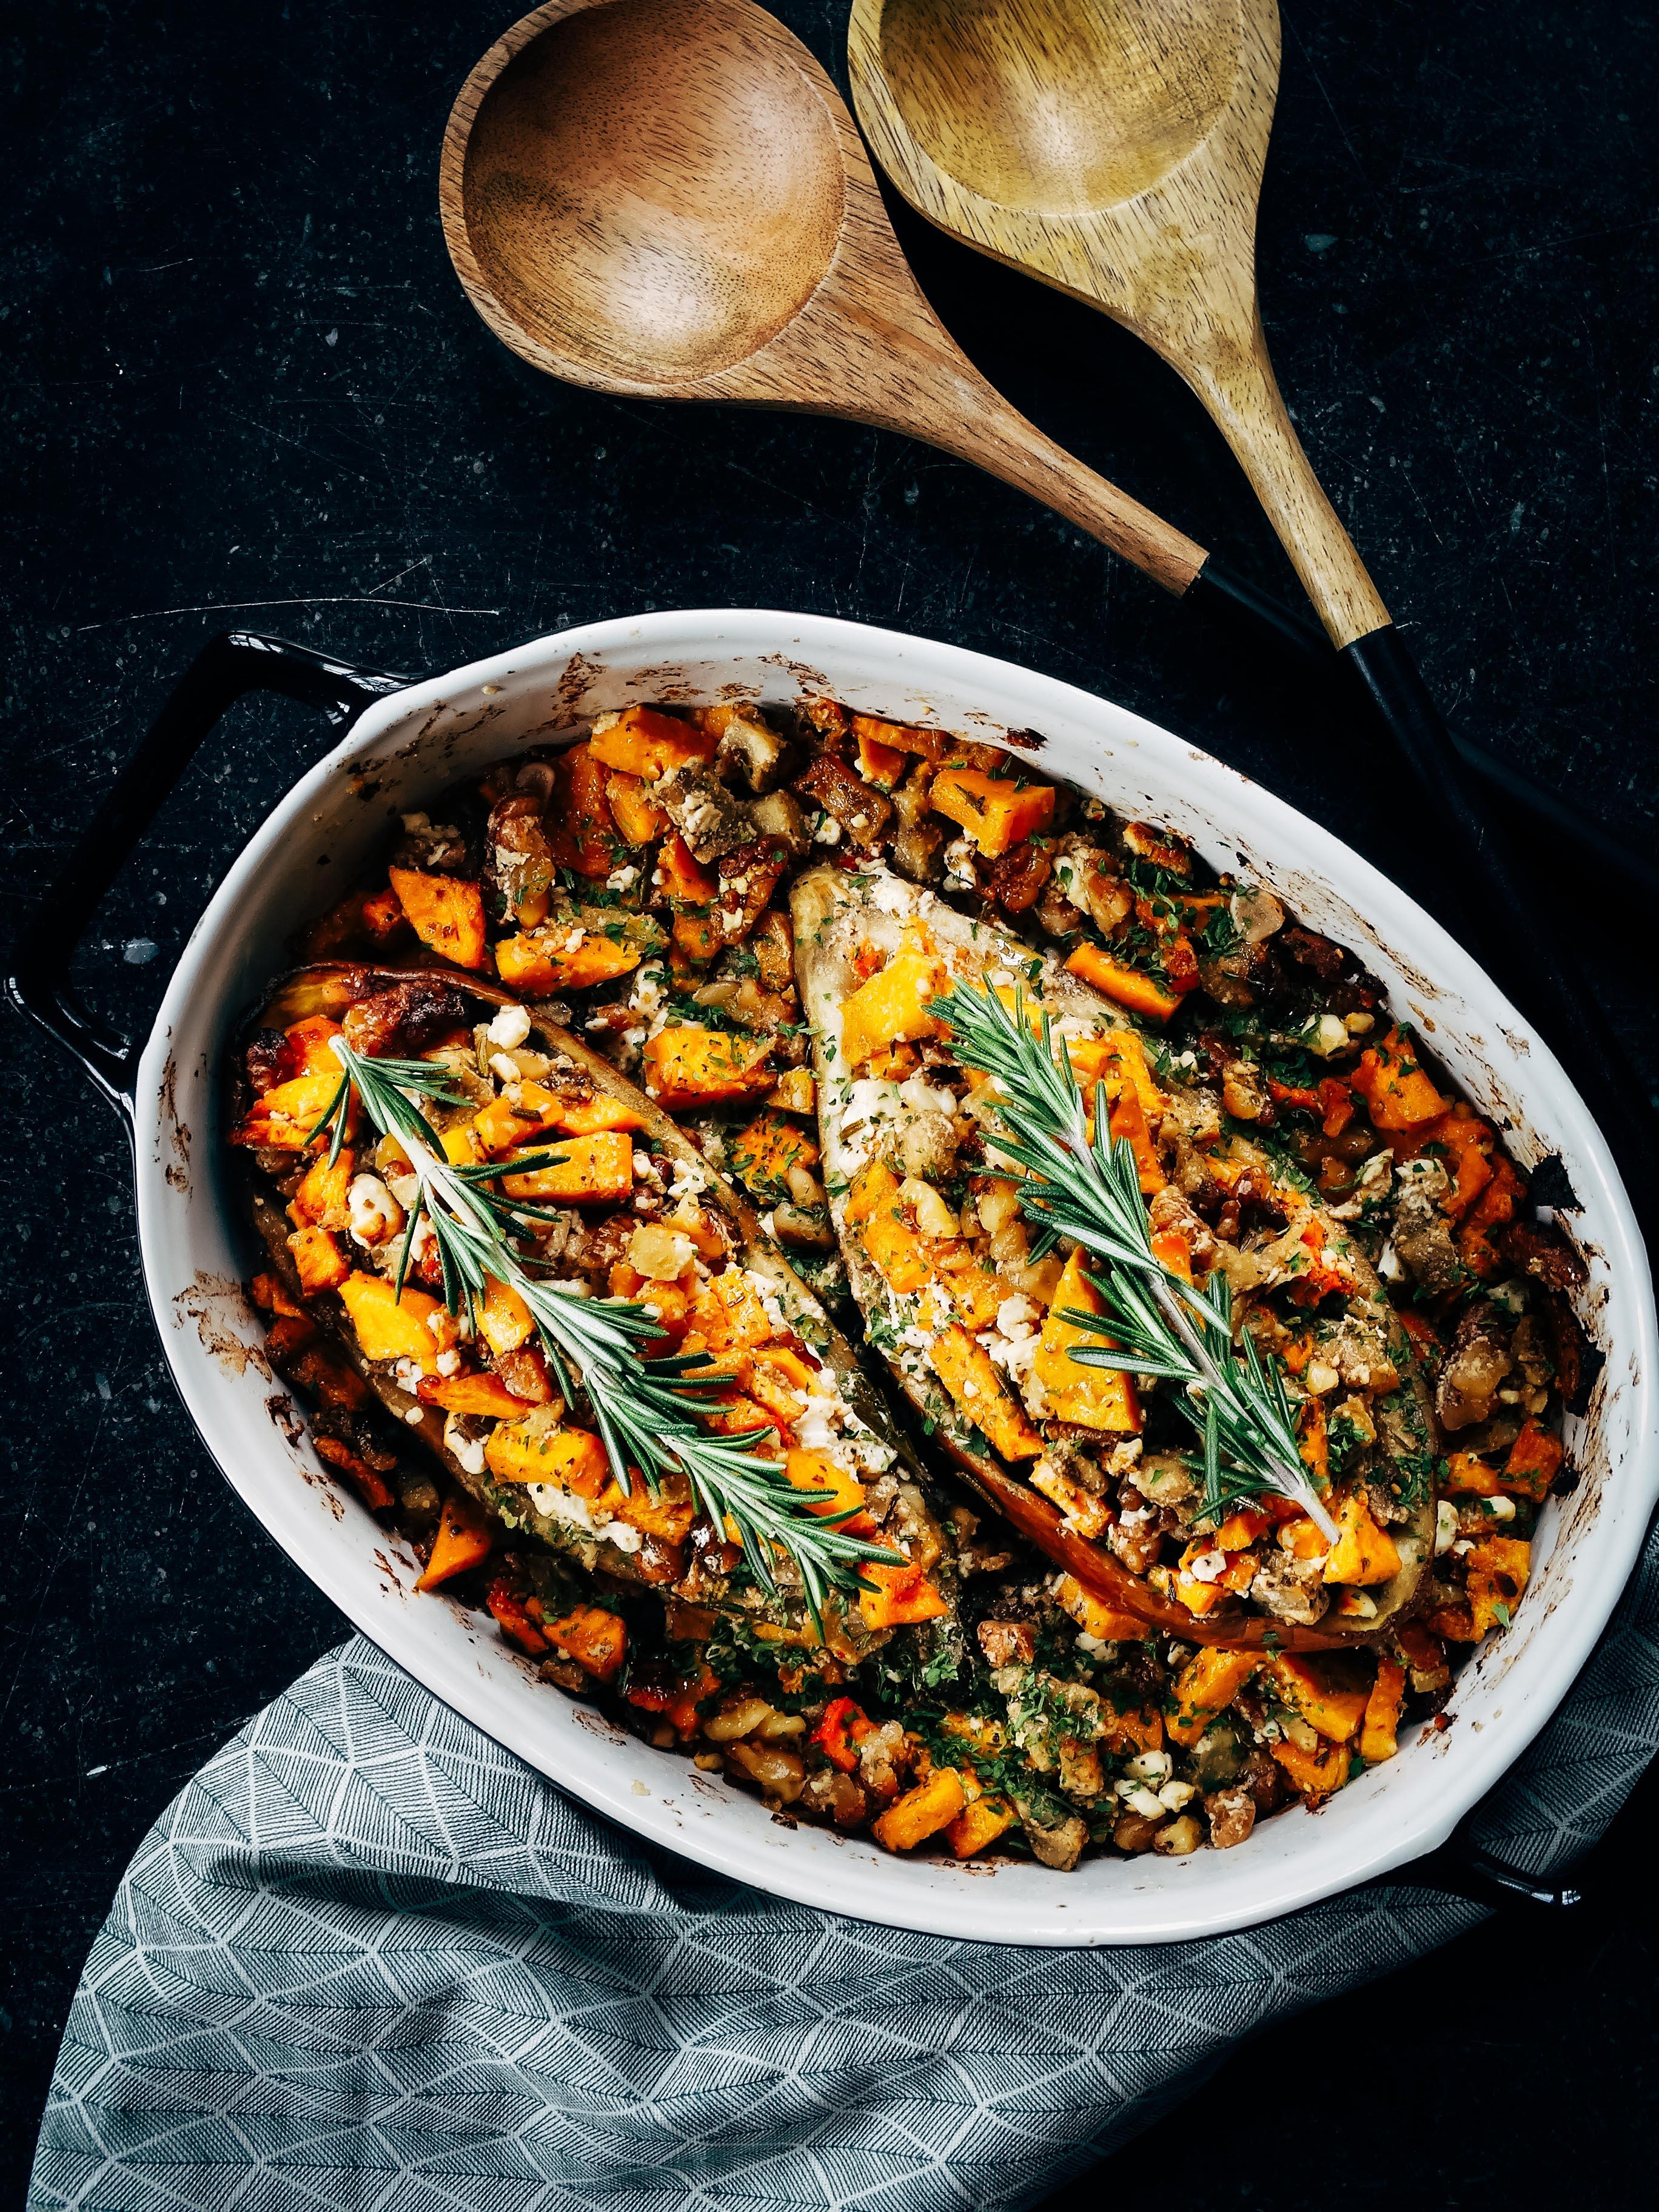 Recept van de maand #18: Aubergine gevuld met pompoen en feta